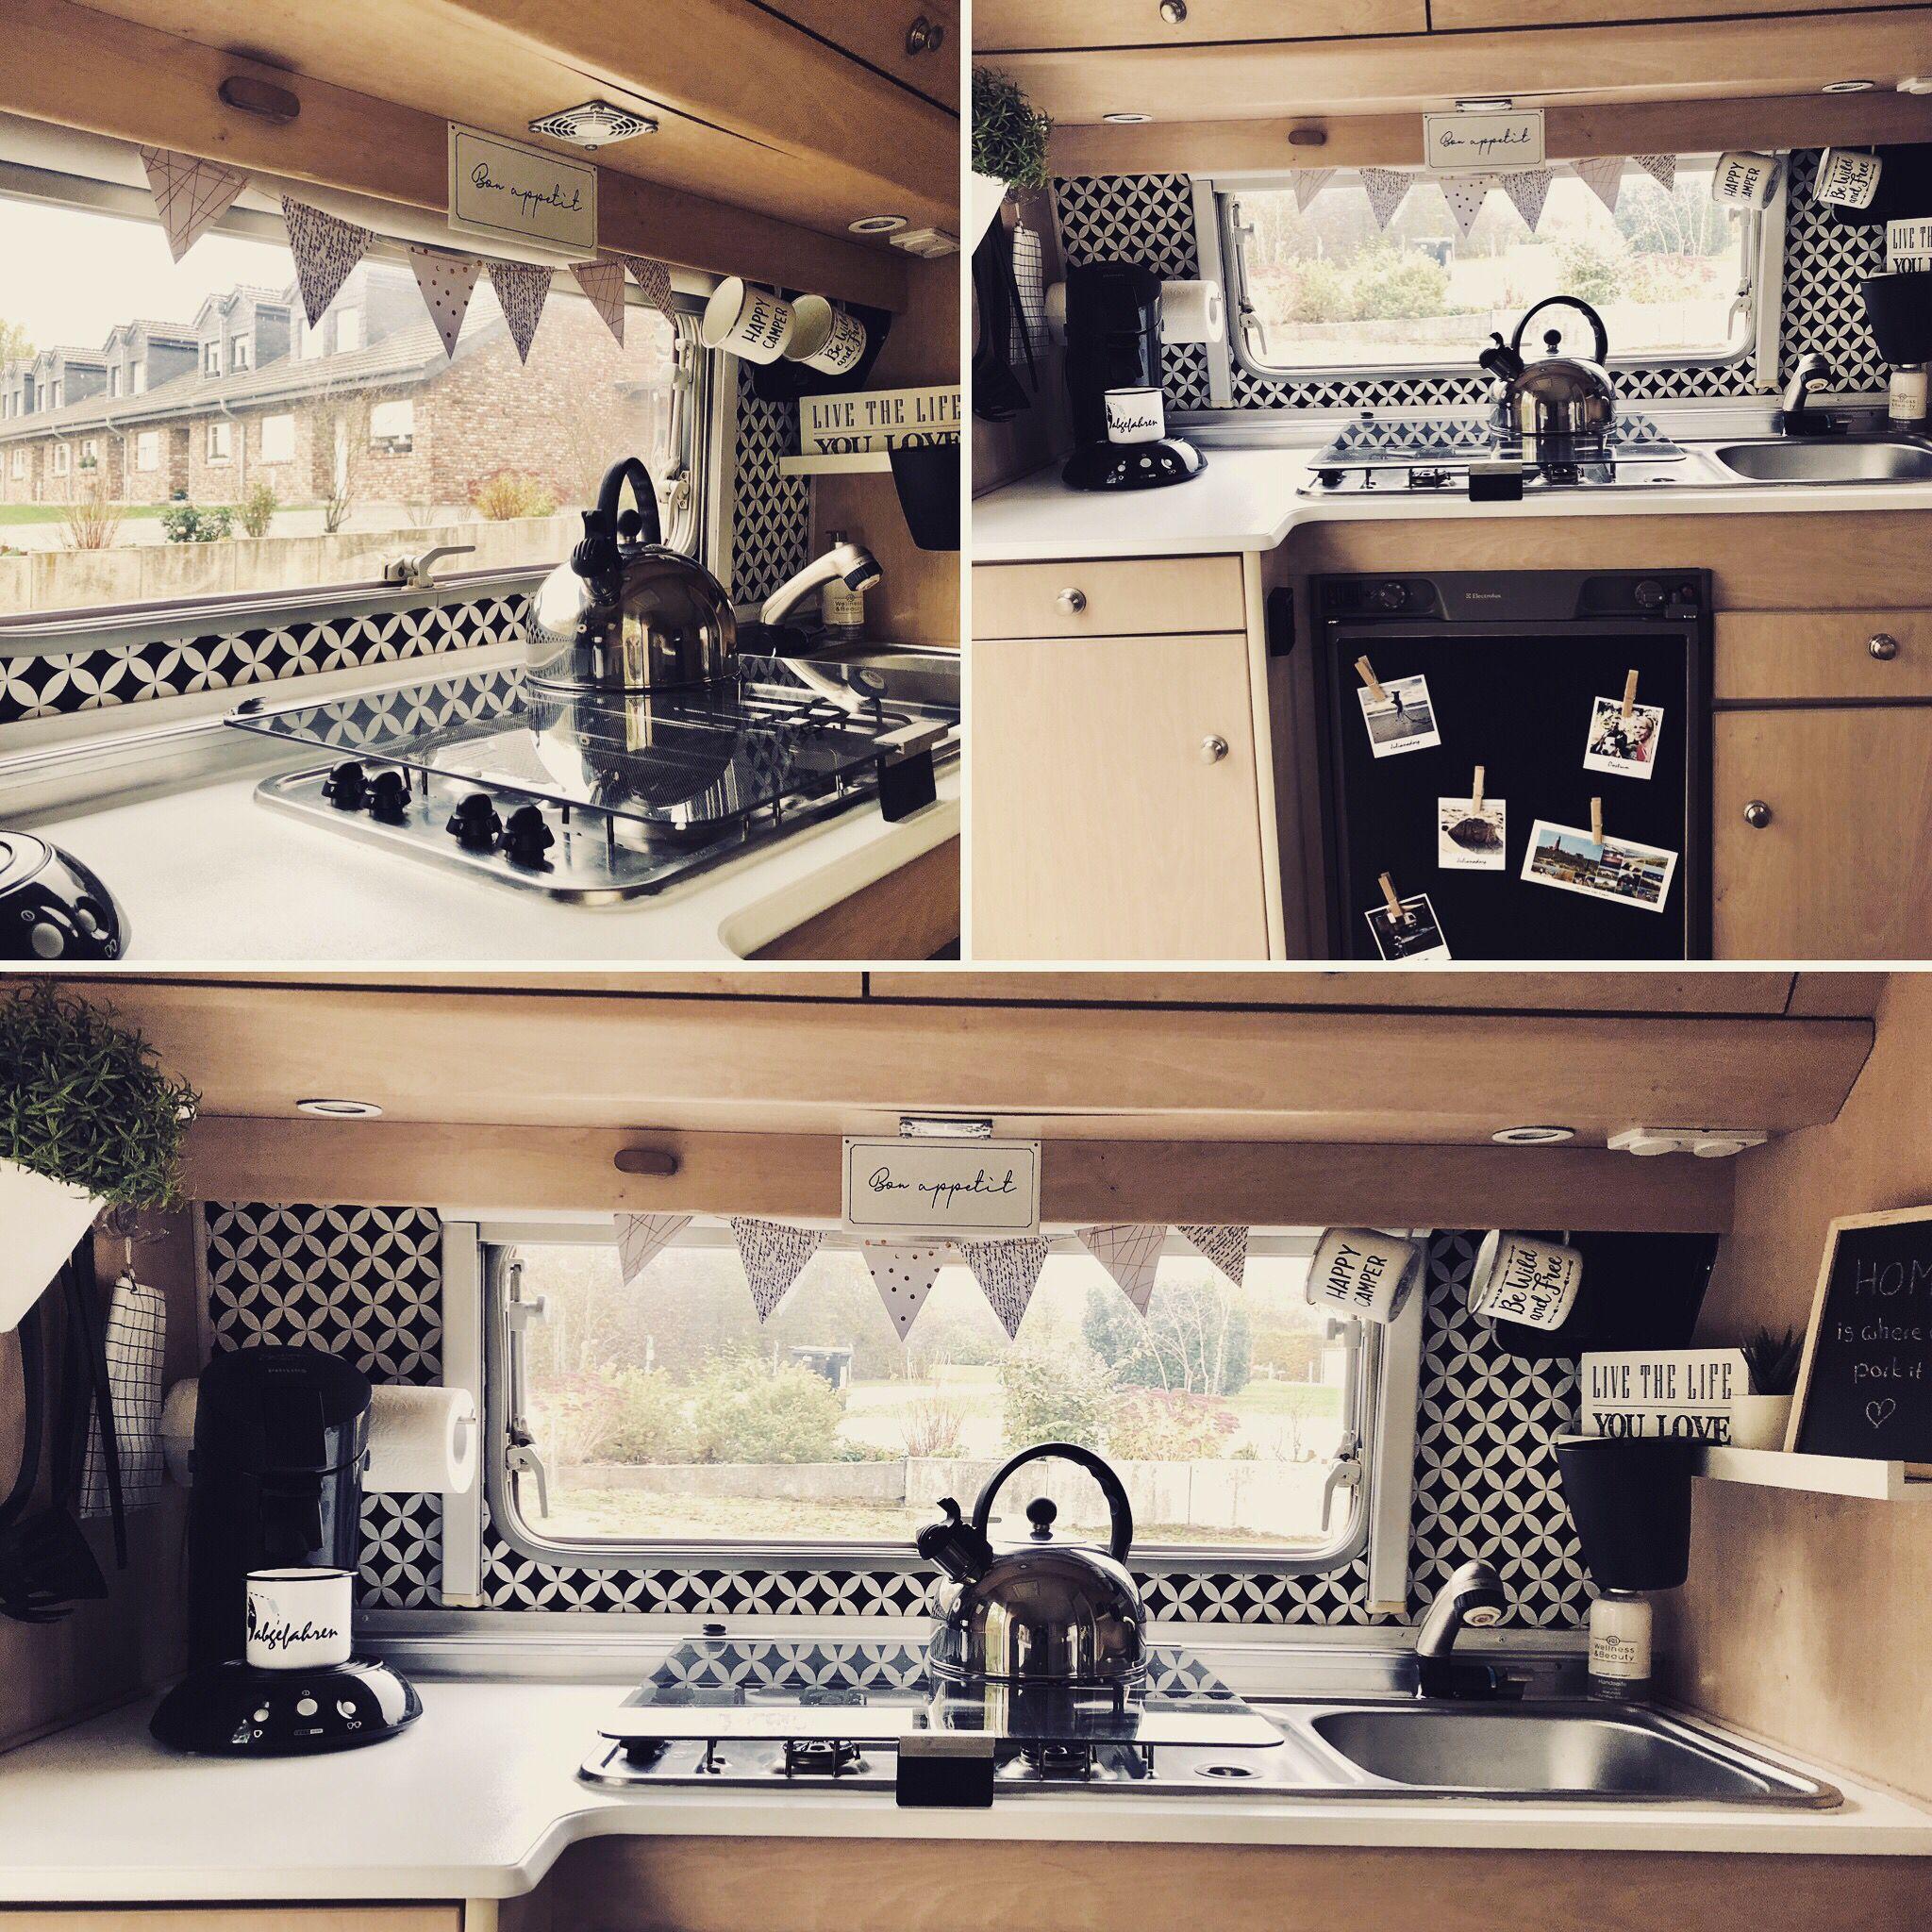 Camping Küche Ideen: Wohnwagen Pimpen Küche Im Wohnwagen Folieren